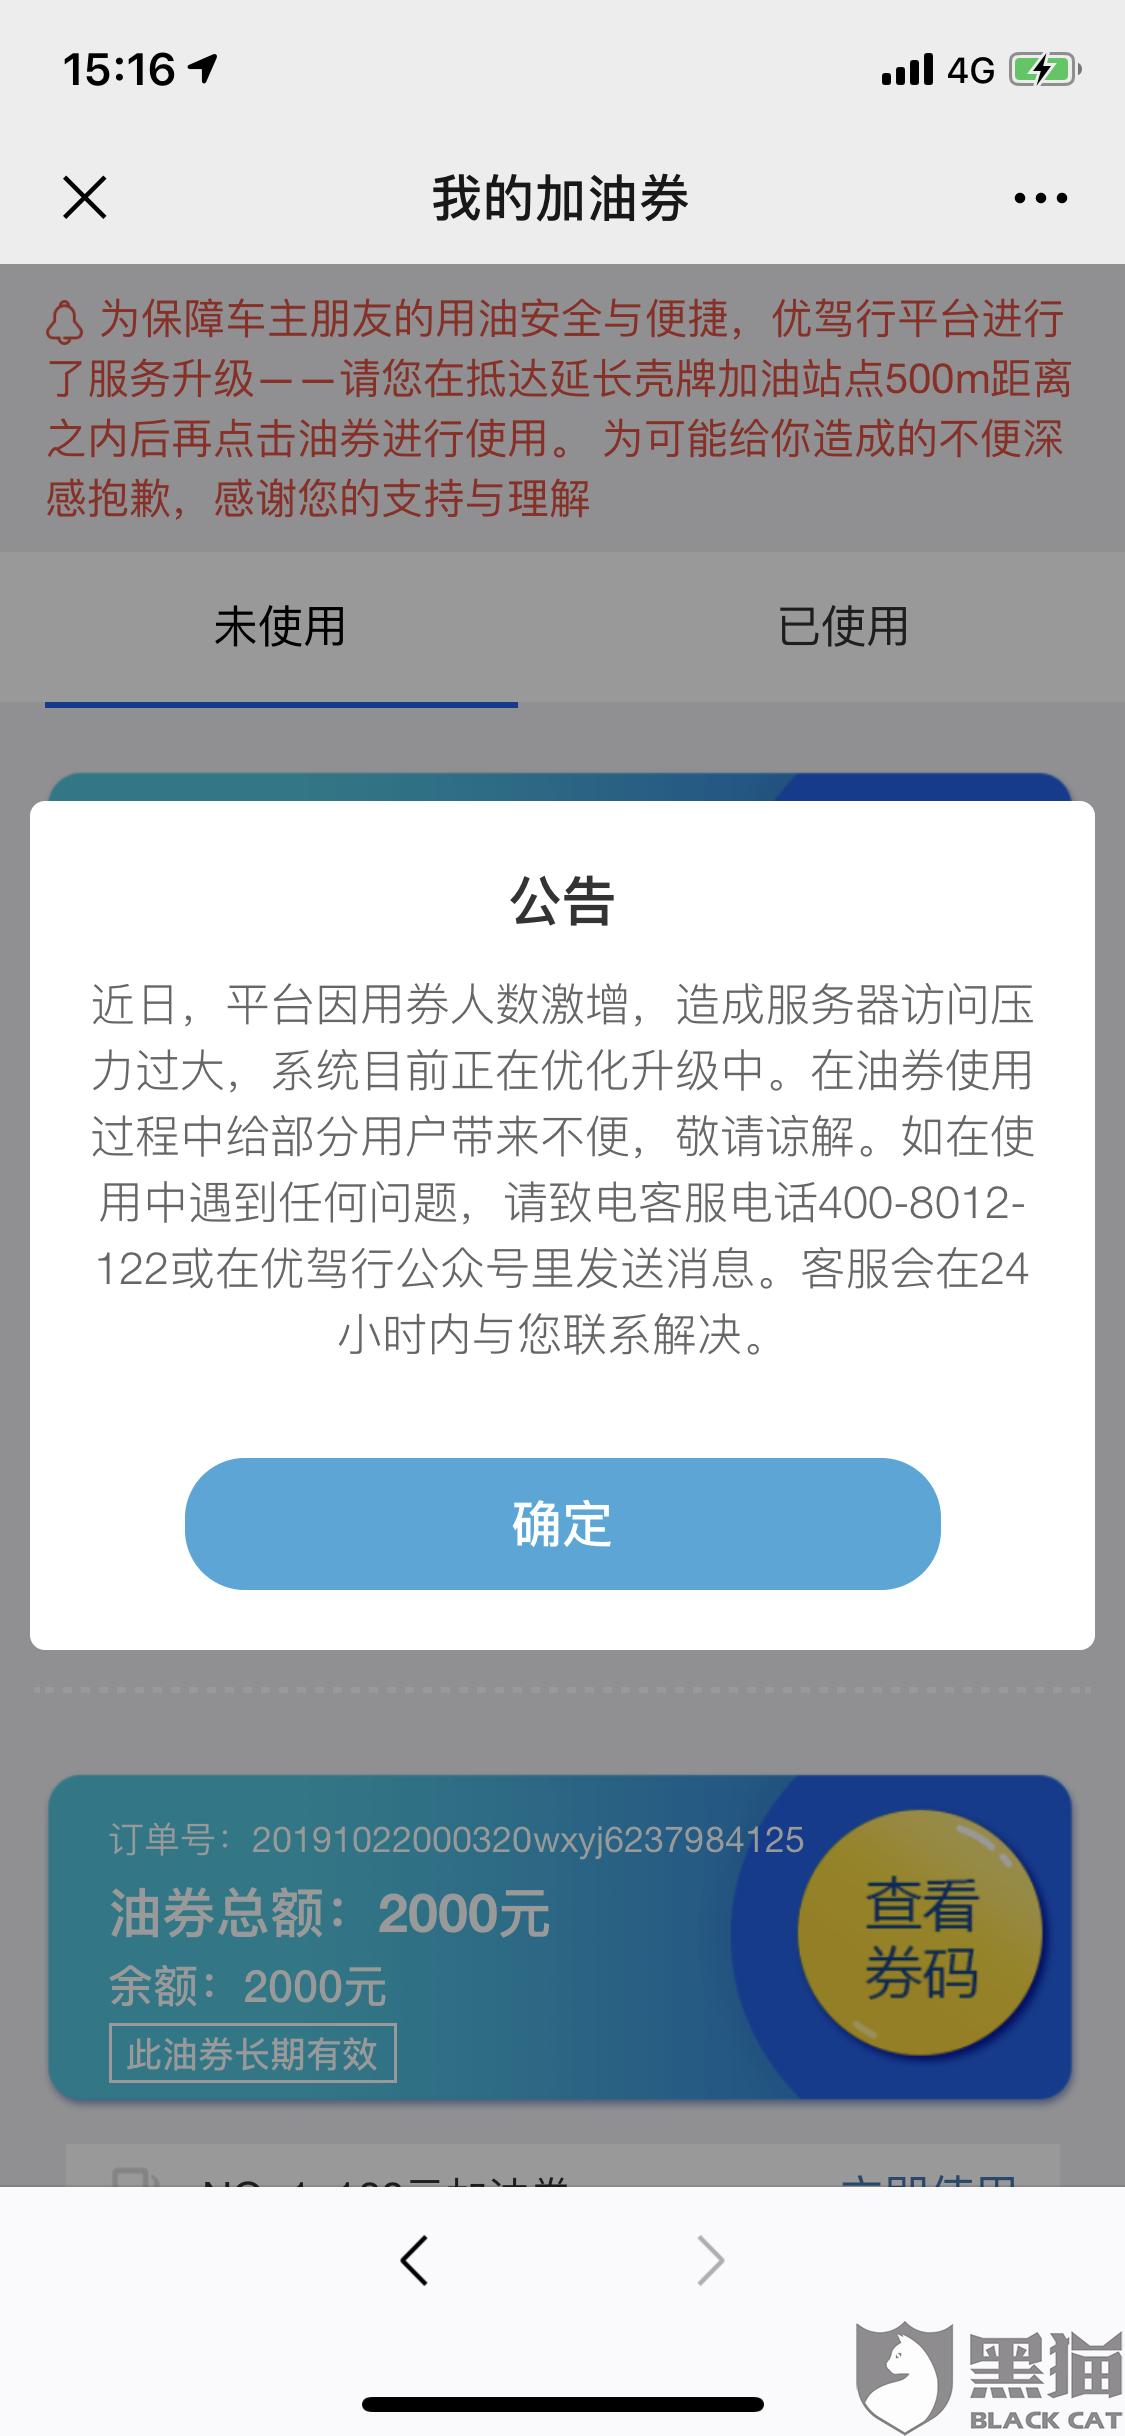 黑猫投诉:在陕西优驾行公众号购买加油券,不能使用